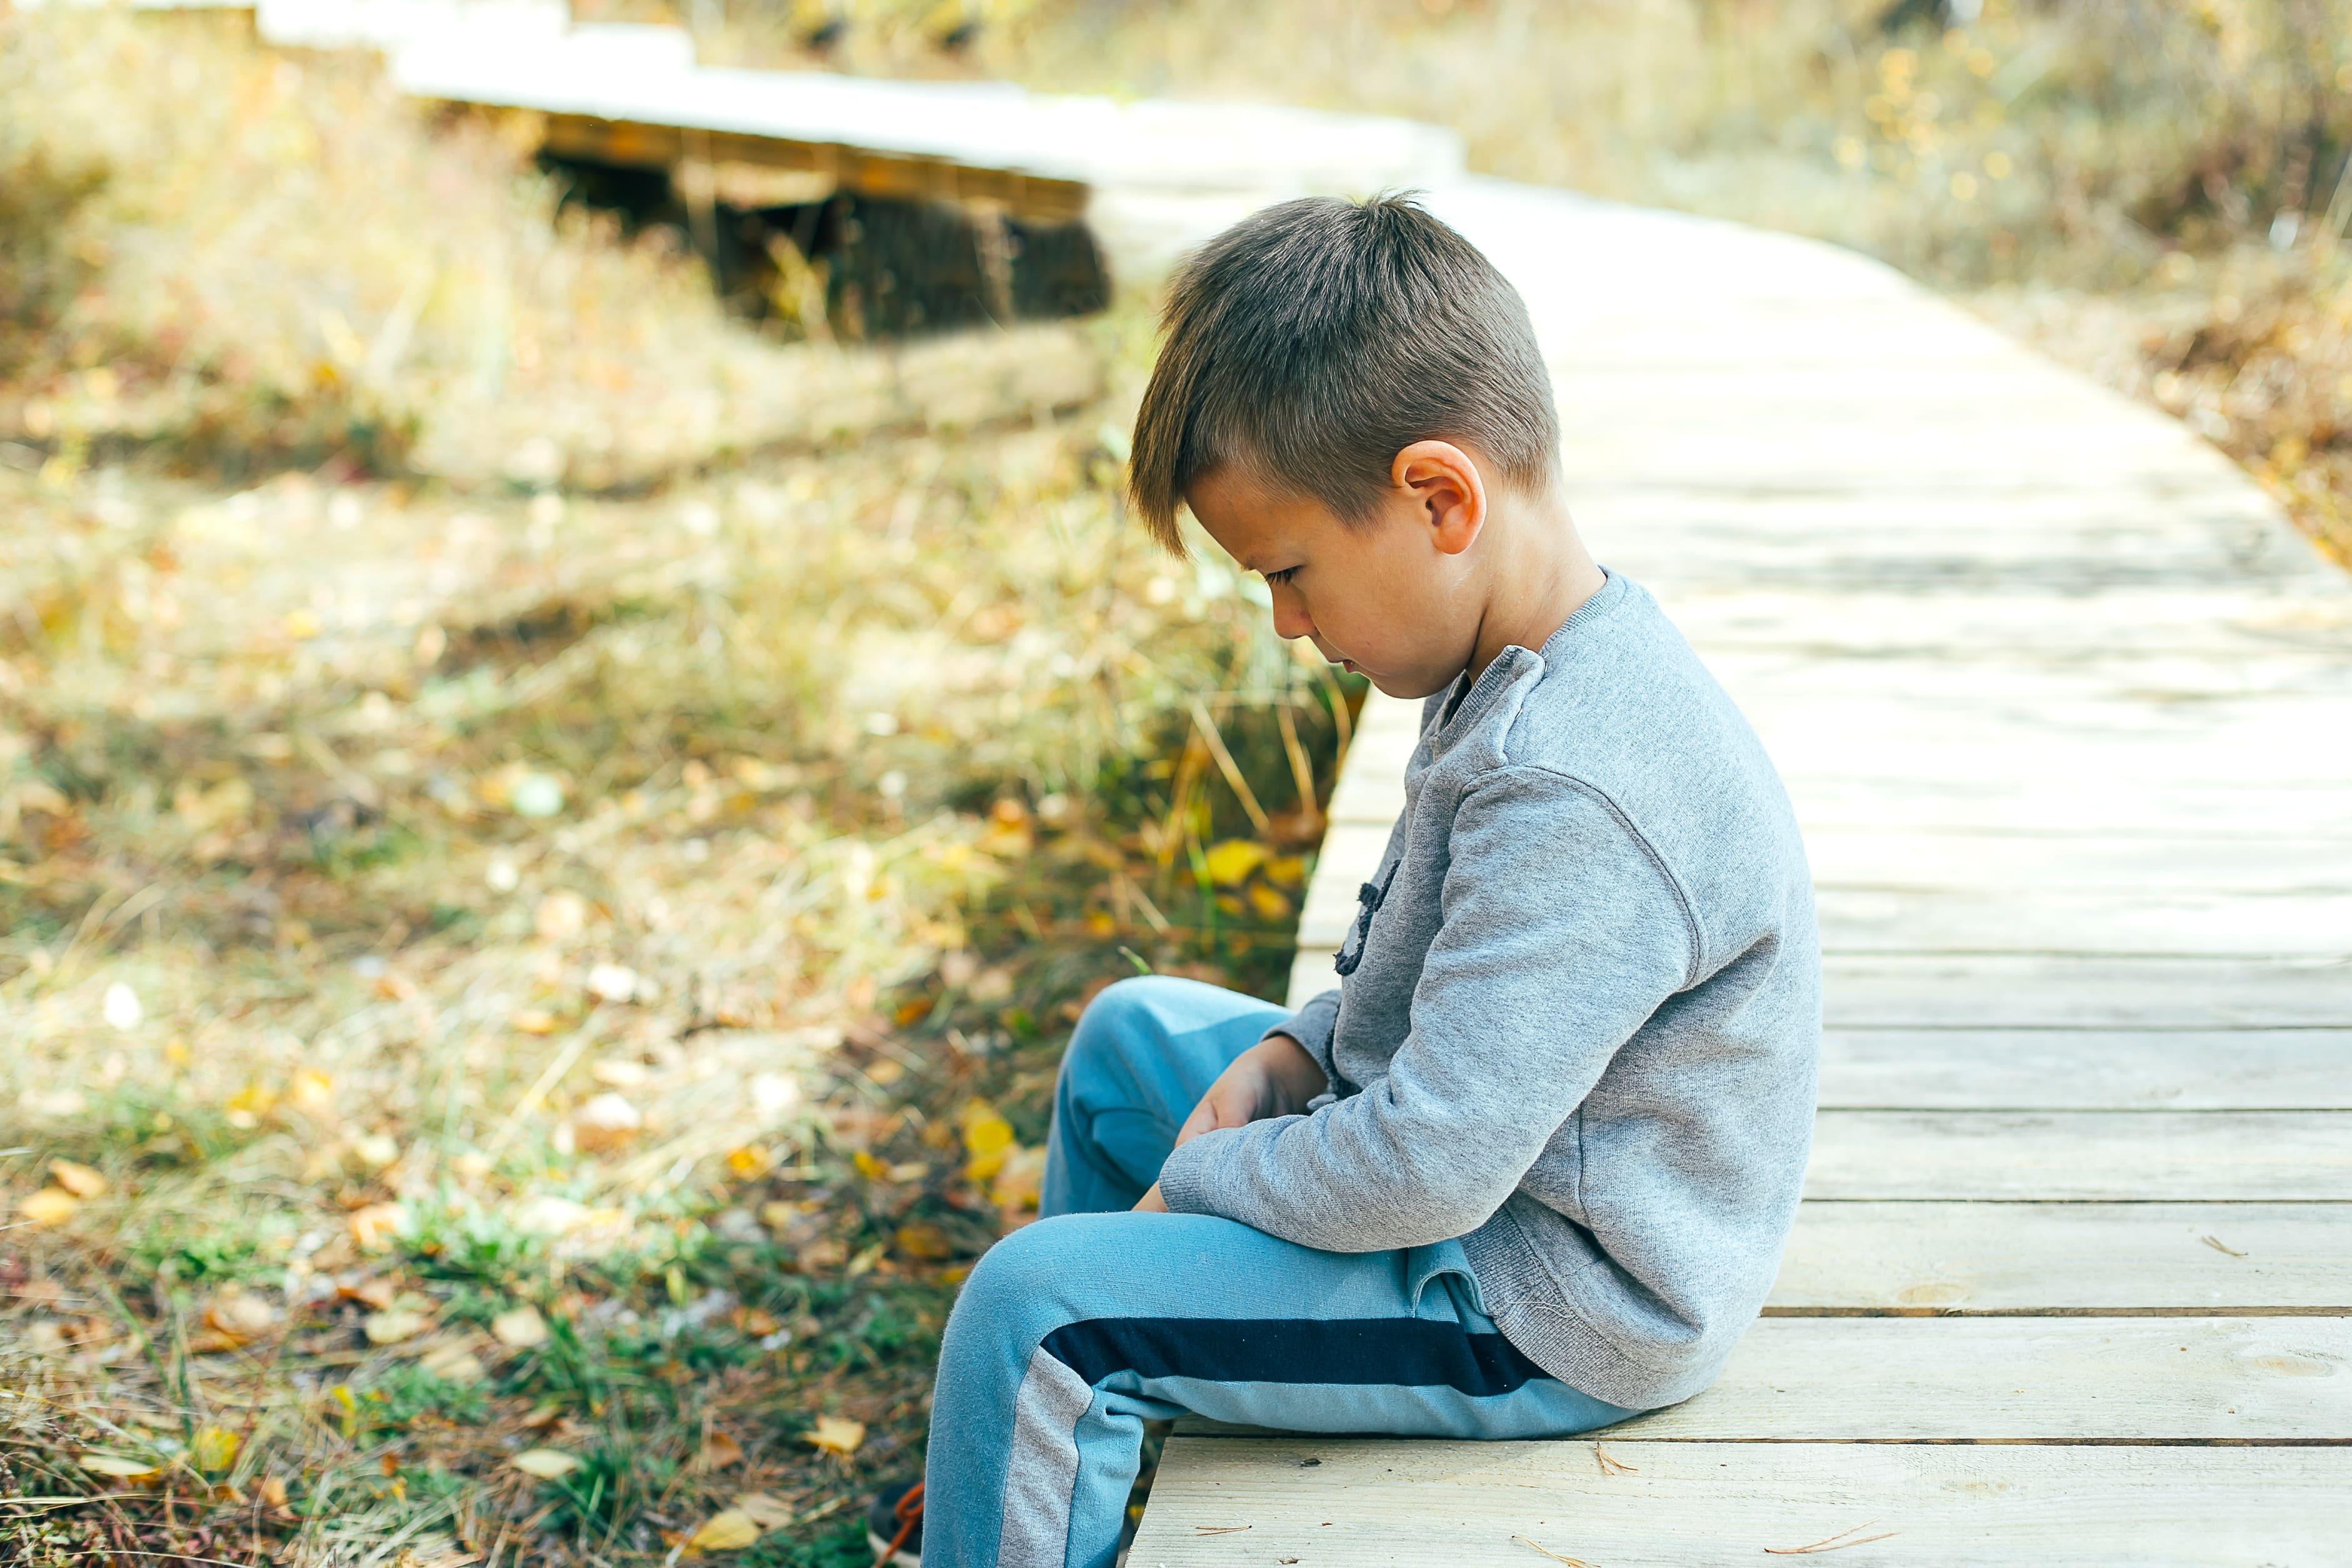 Kind sitzt auf Steeg